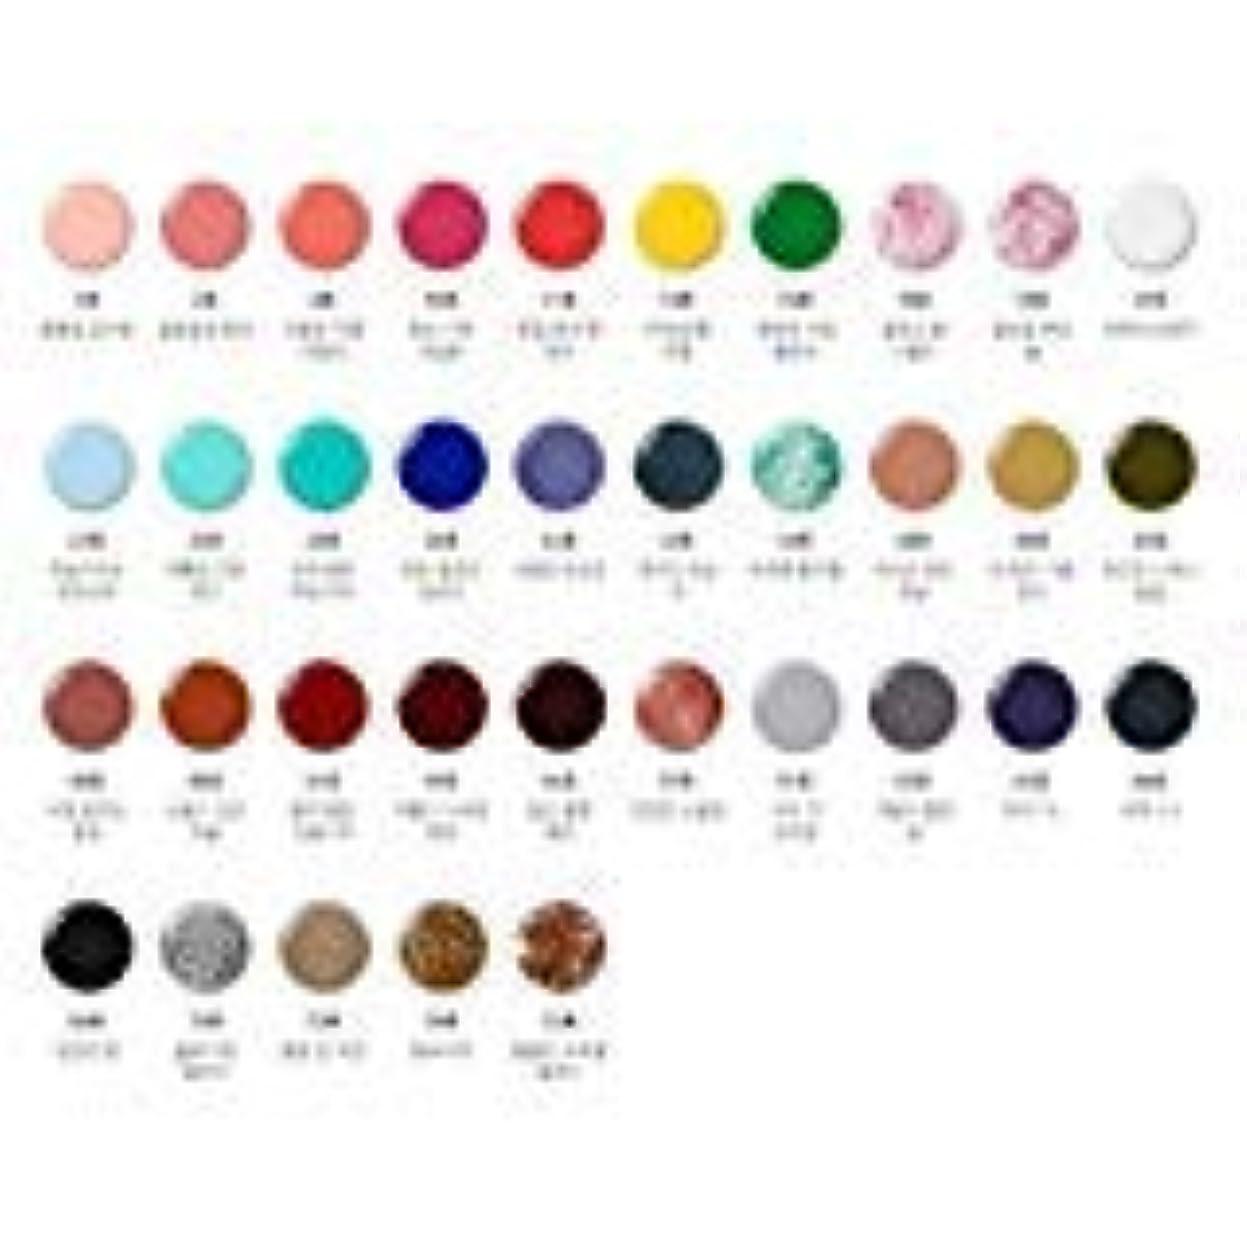 納税者フォーマル売る[イニスフリー.innisfree]リアルカラーネイル6mL(2019 new)/ Real Color Nail_美しい自然からインスピレーションを受けた鮮やかなカラー感の高発色高光沢ネイルカラー (#57)